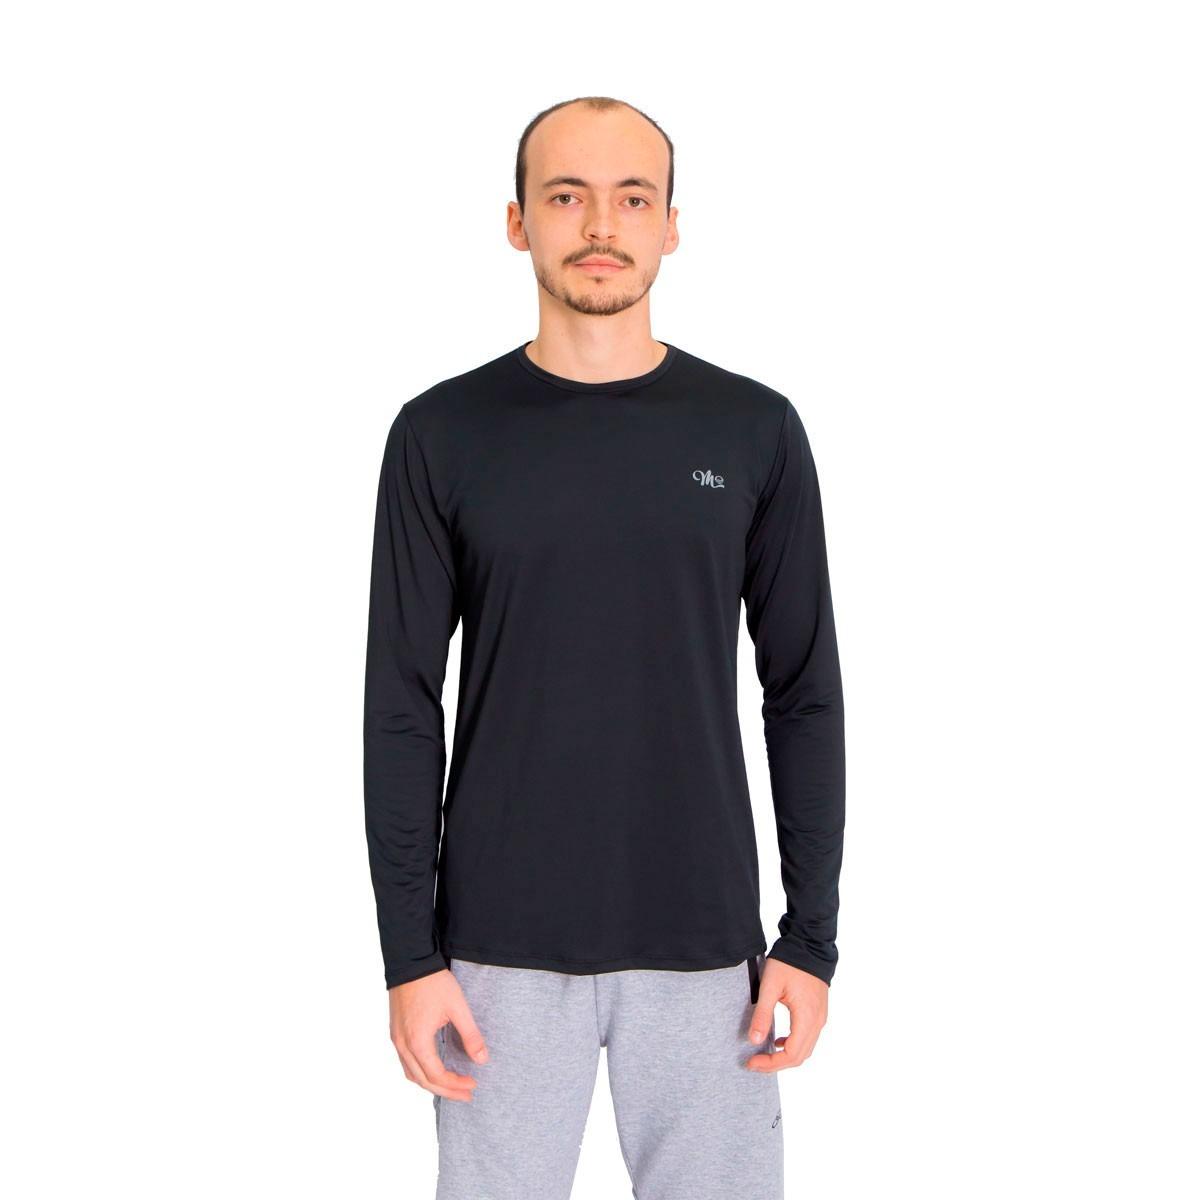 camiseta proteção solar uv dry manga longa masculina. Carregando zoom. 8f130d0c52b76